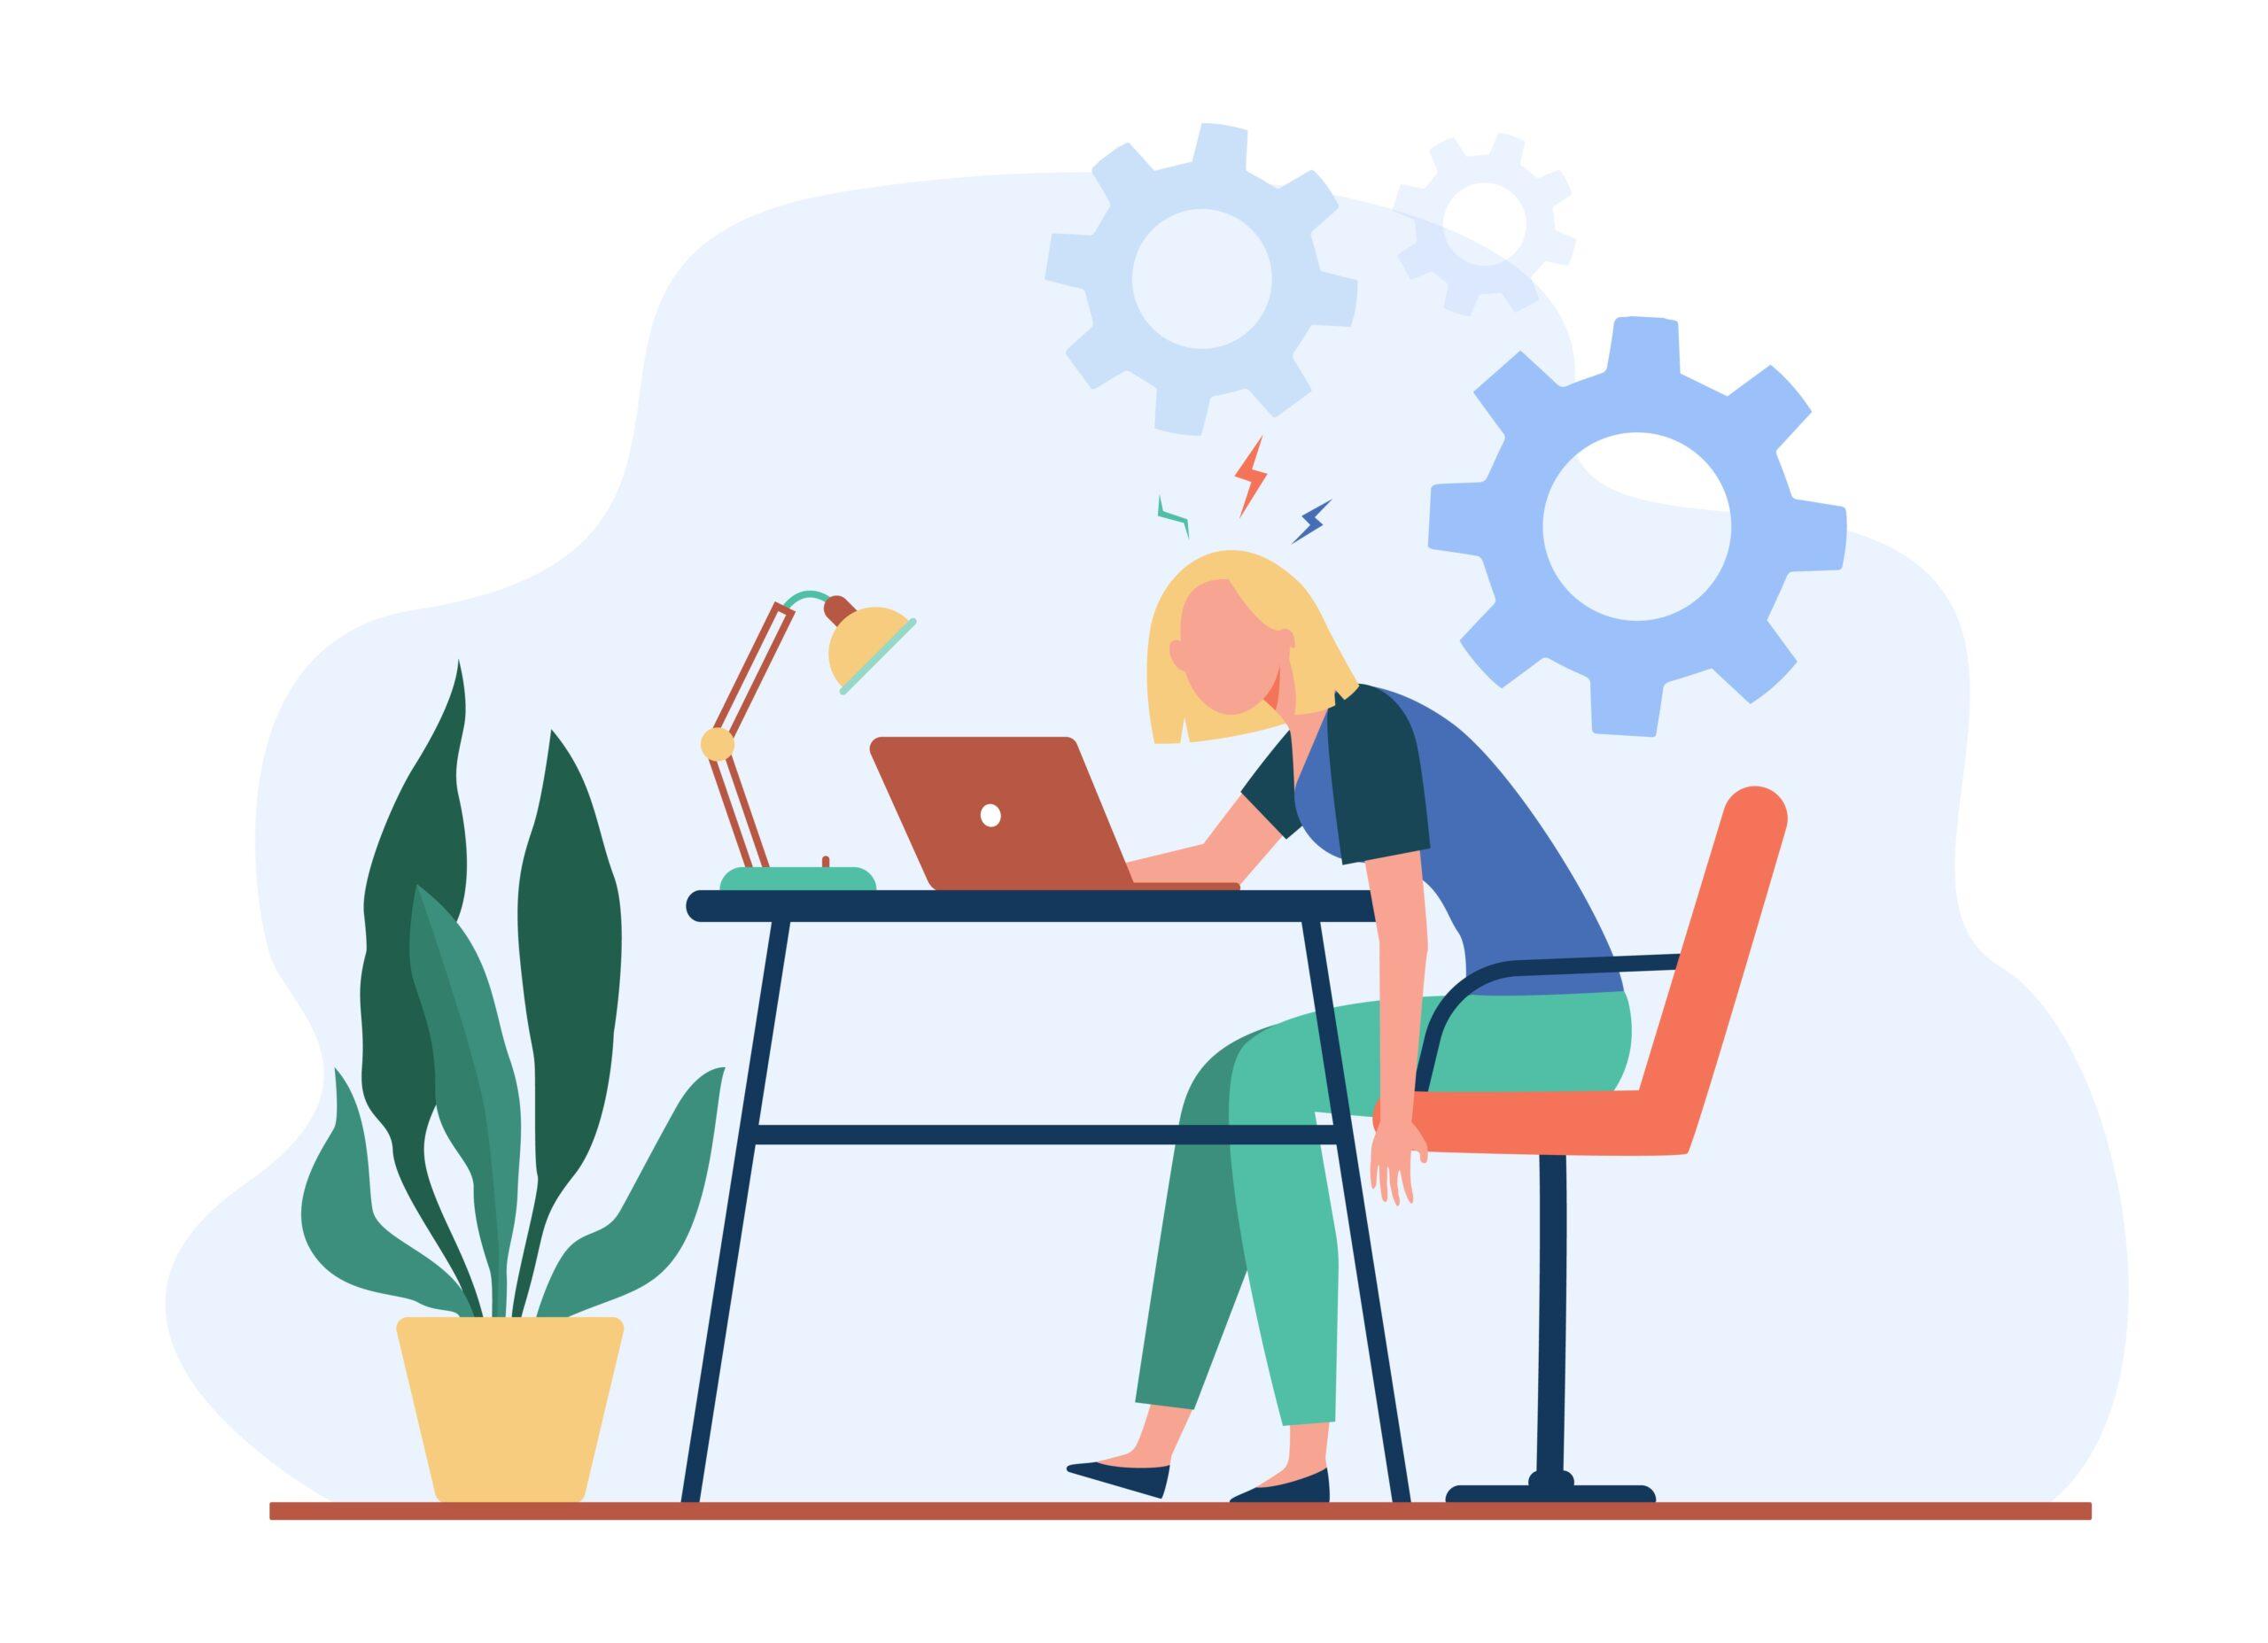 ウェブデザイン技能検定3級を独学で勉強する3つの方法